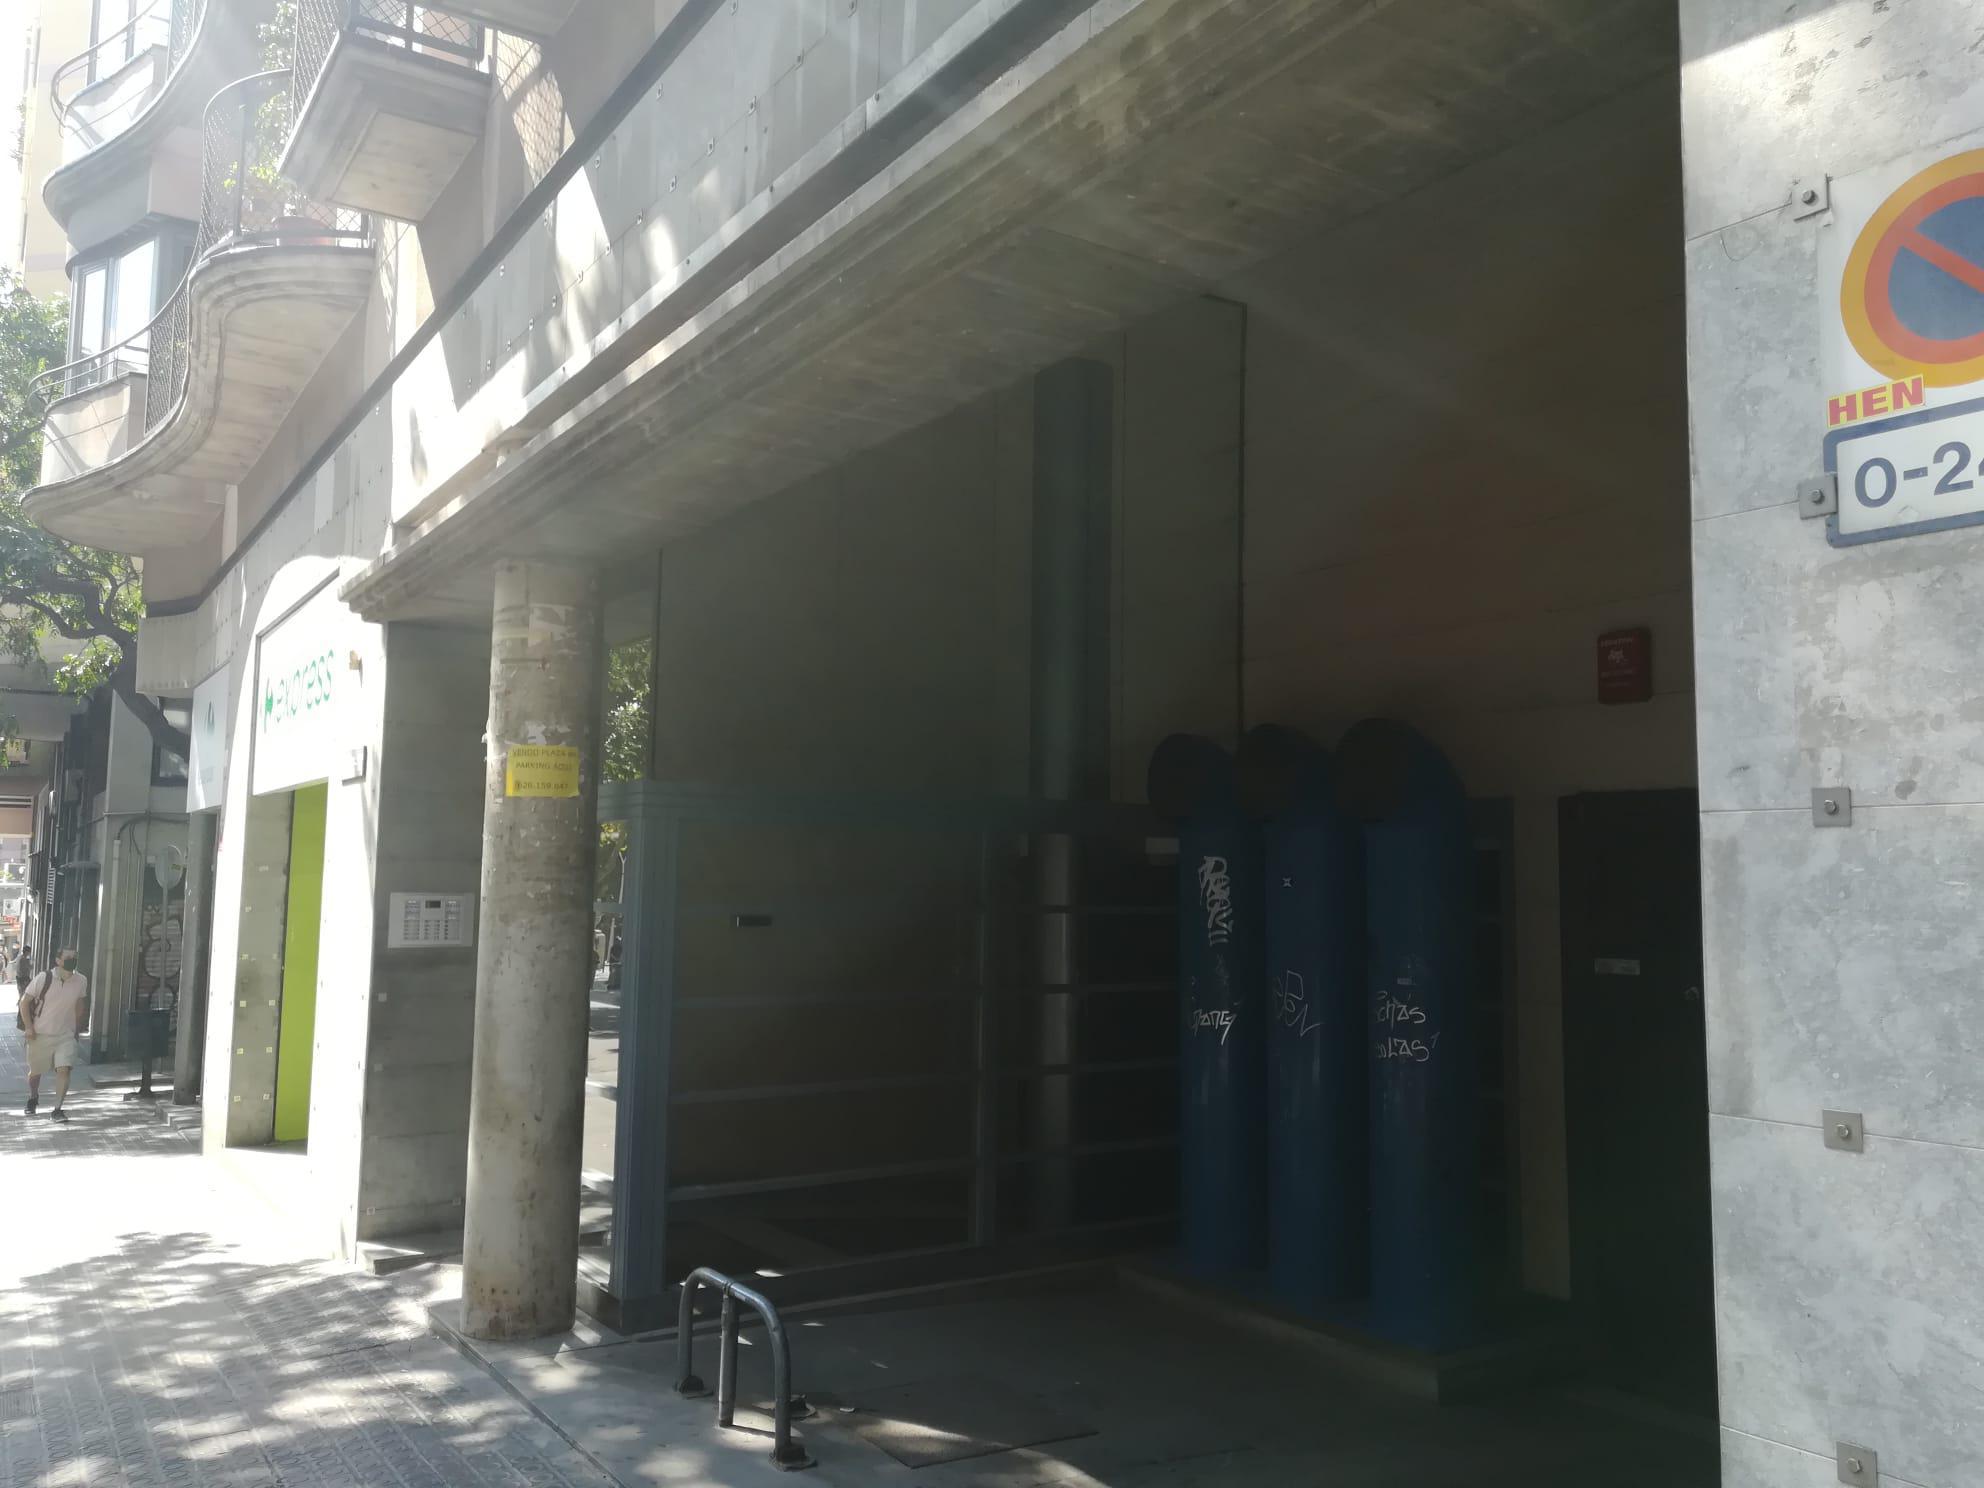 Imagen 2 Parking Coche en venta en Barcelona / Calle Marina entre Rossellon y Porvenza.